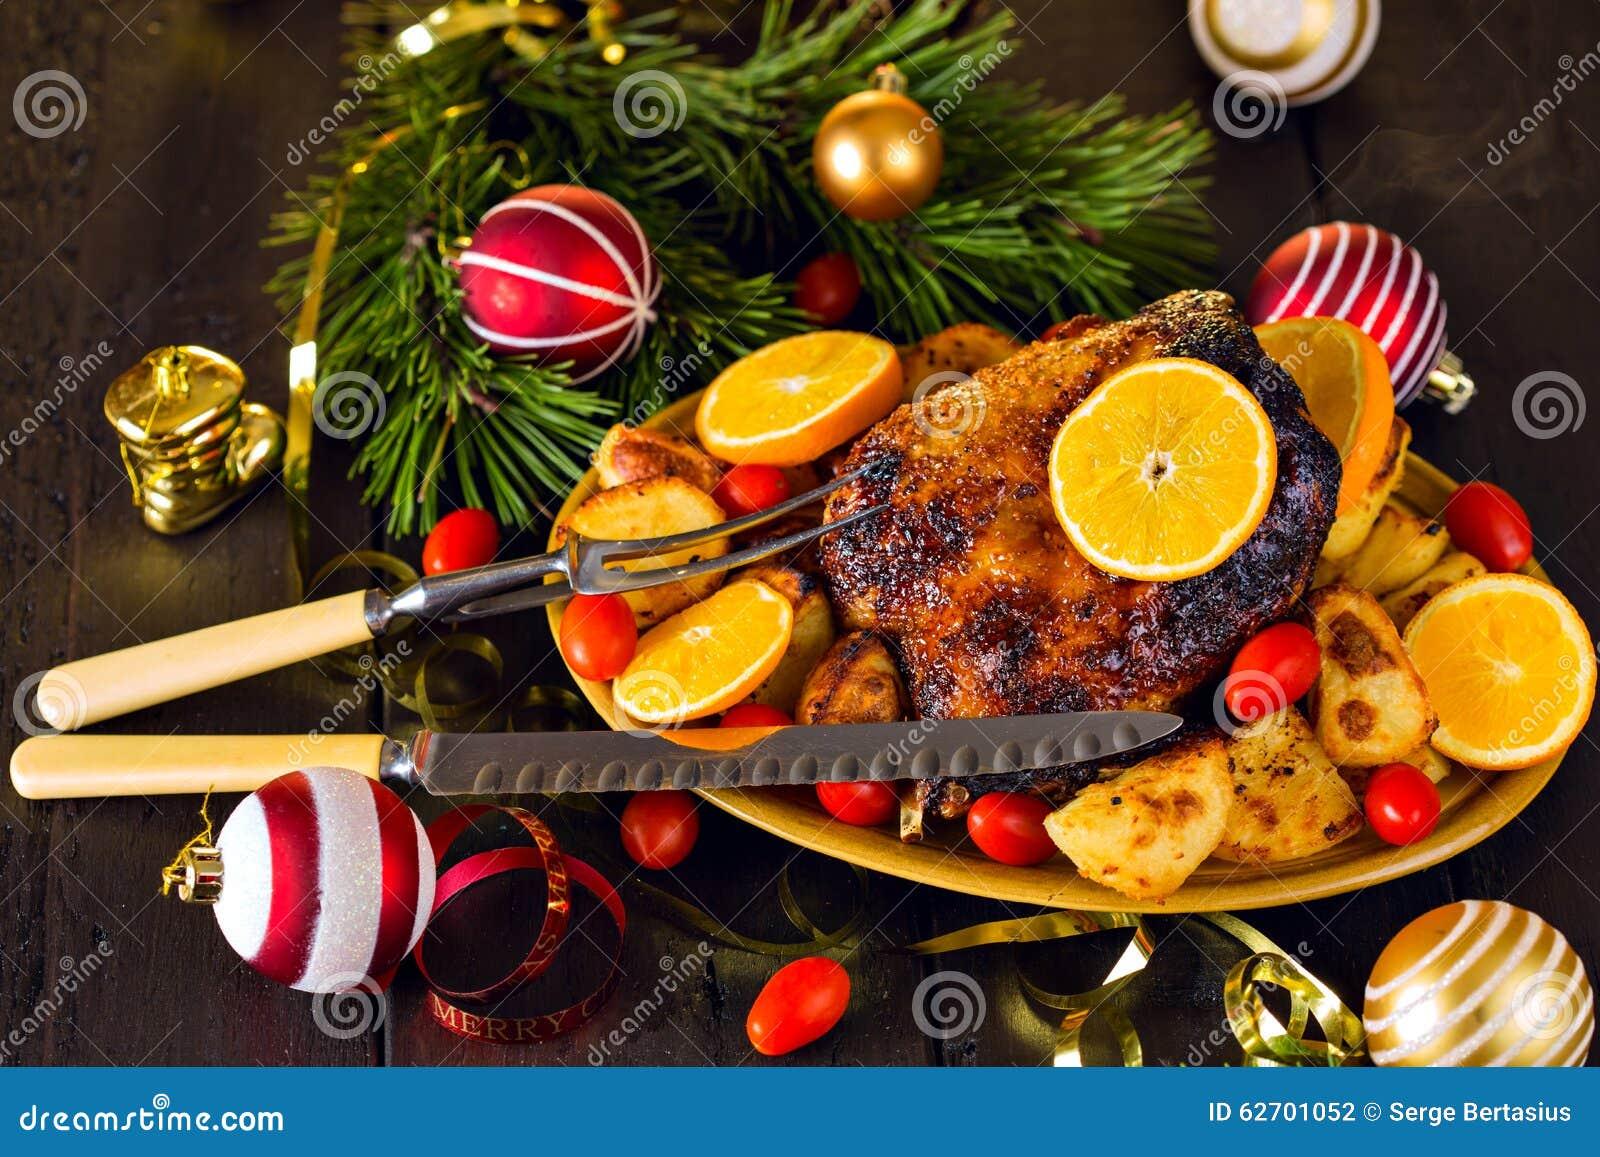 Ψημένη Χριστούγεννα πάπια που εξυπηρετείται με τις πατάτες, το πορτοκάλι και τις ντομάτες